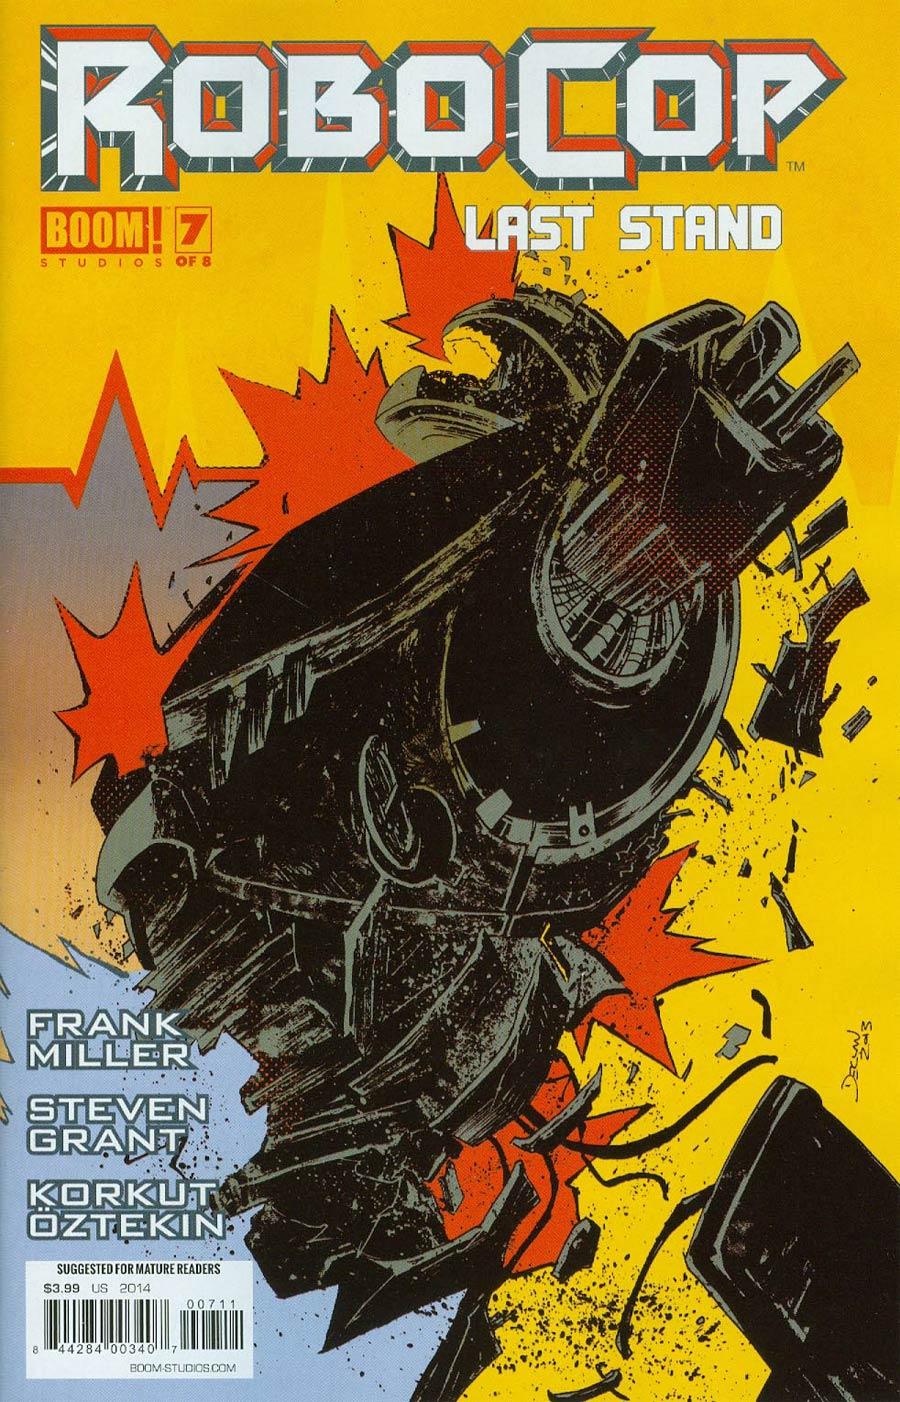 Robocop (Frank Miller) Last Stand #7